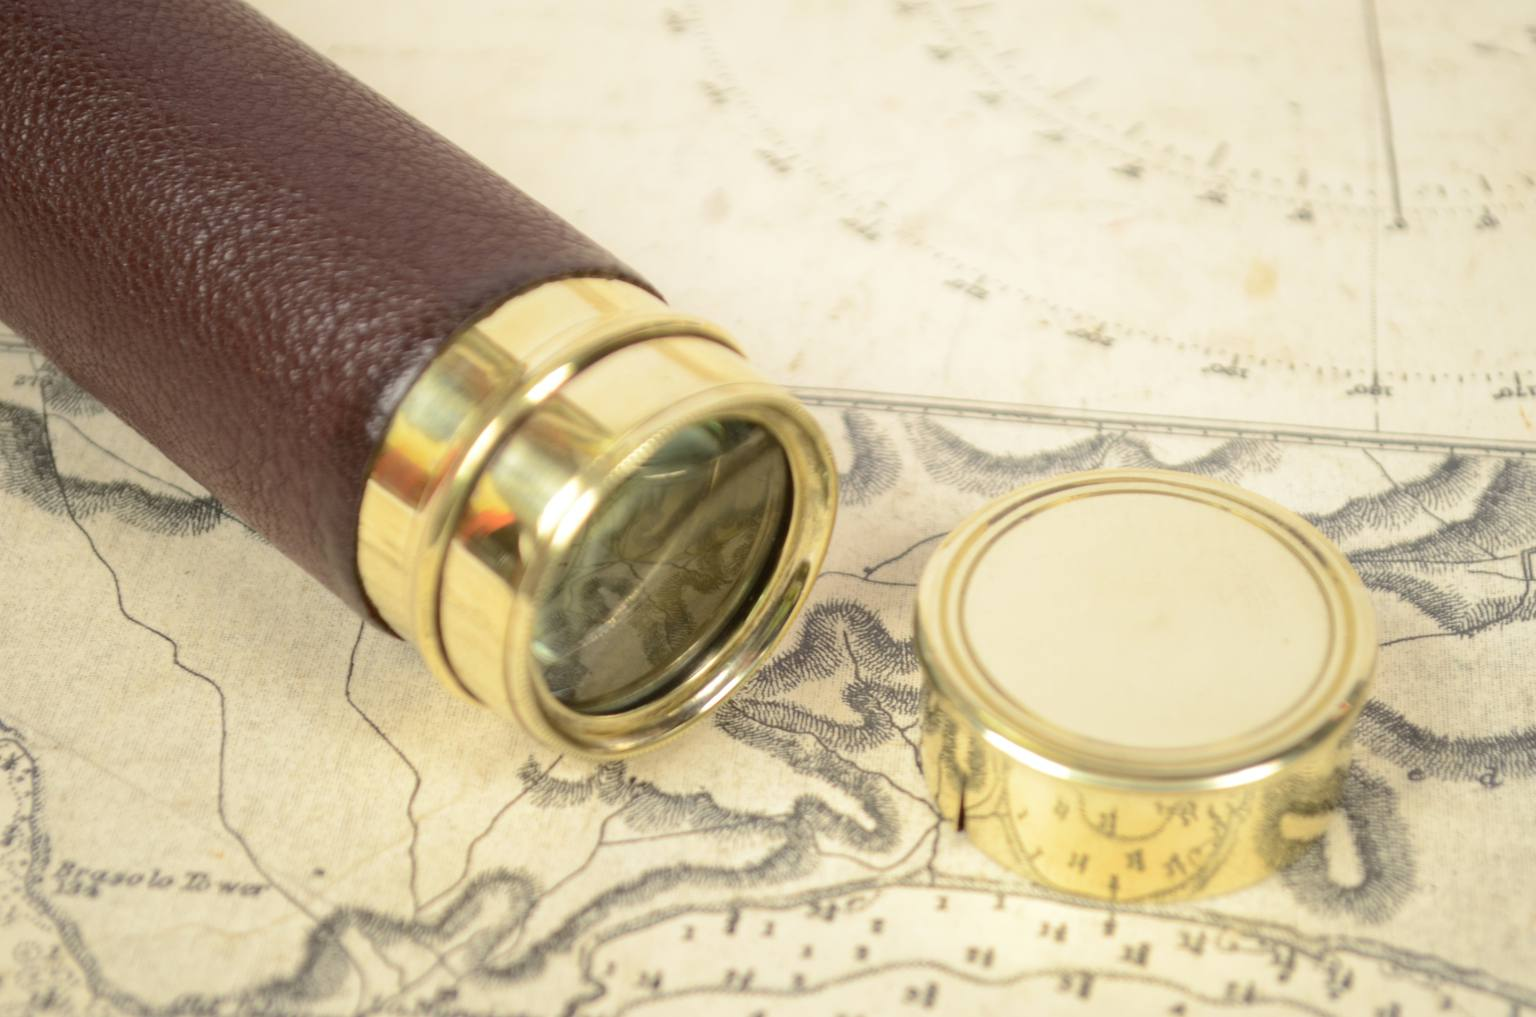 航海类古董/6265-小型黄铜望远镜